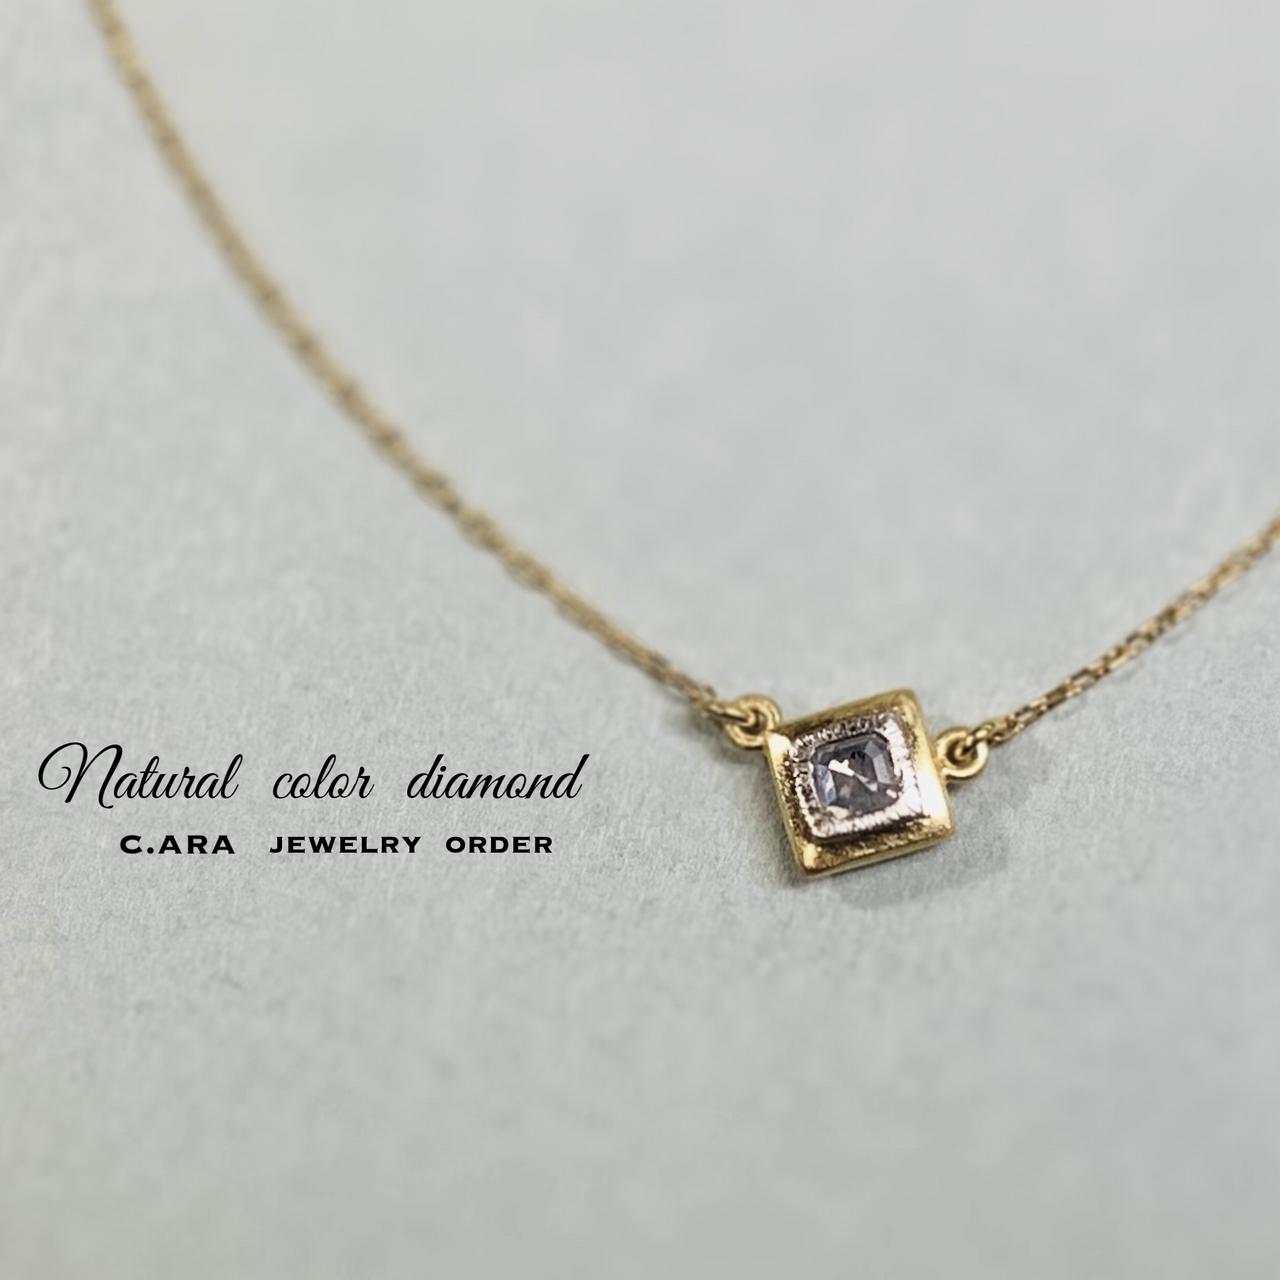 ドッピオ ダイヤモンドペンダント(コンビ)限定1点物